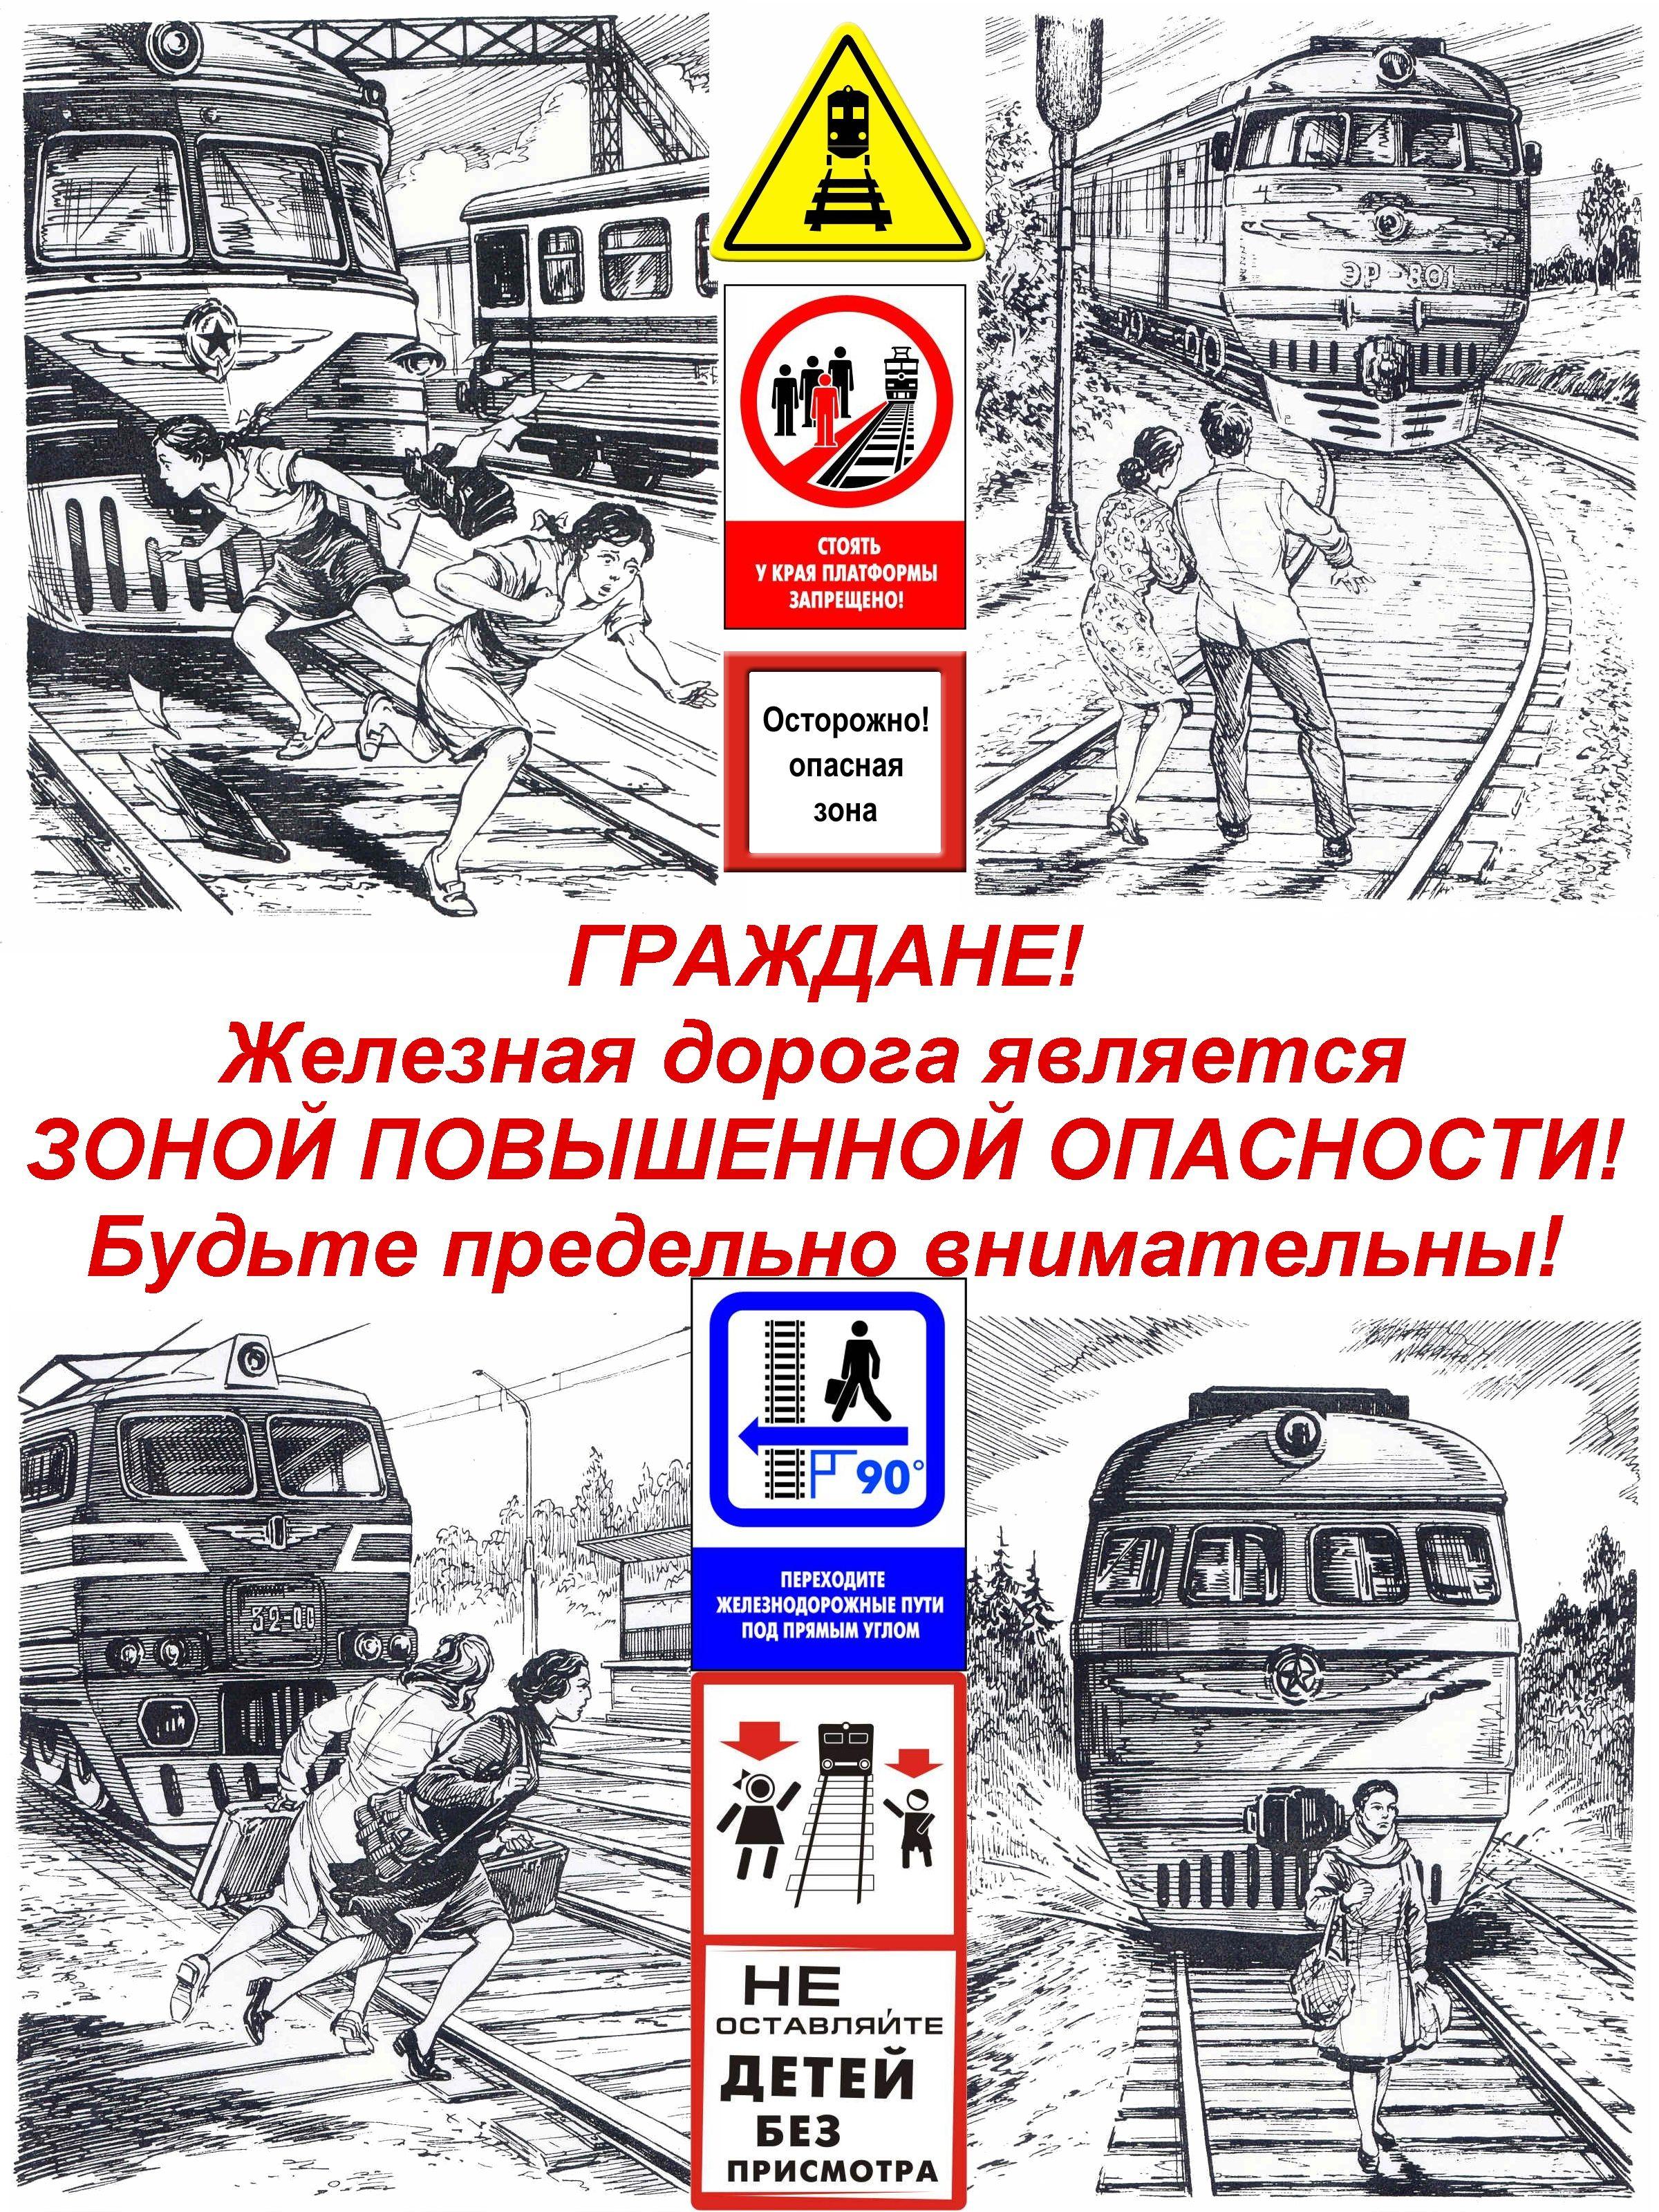 Картинки железная дорога зона повышенной опасности, картинки природное явление